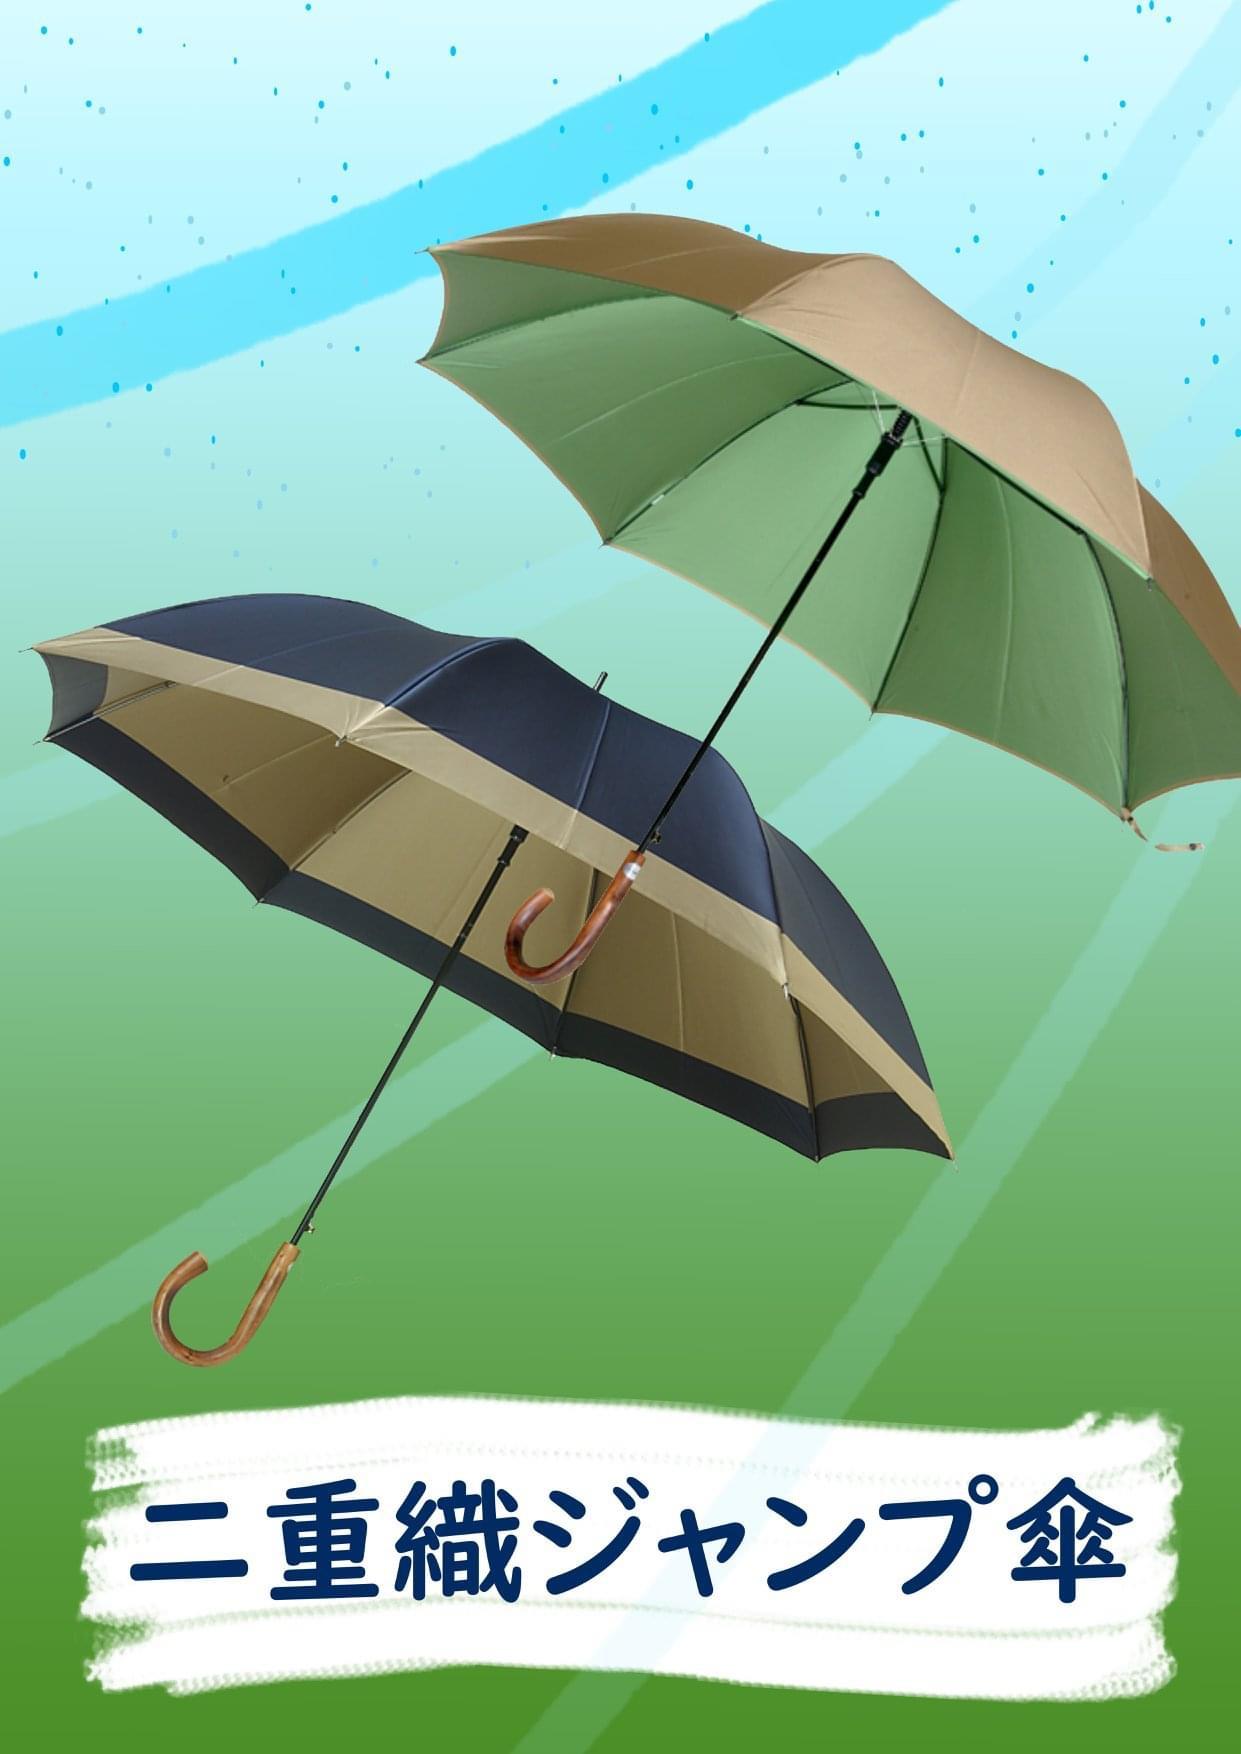 二重織ジャンプ傘